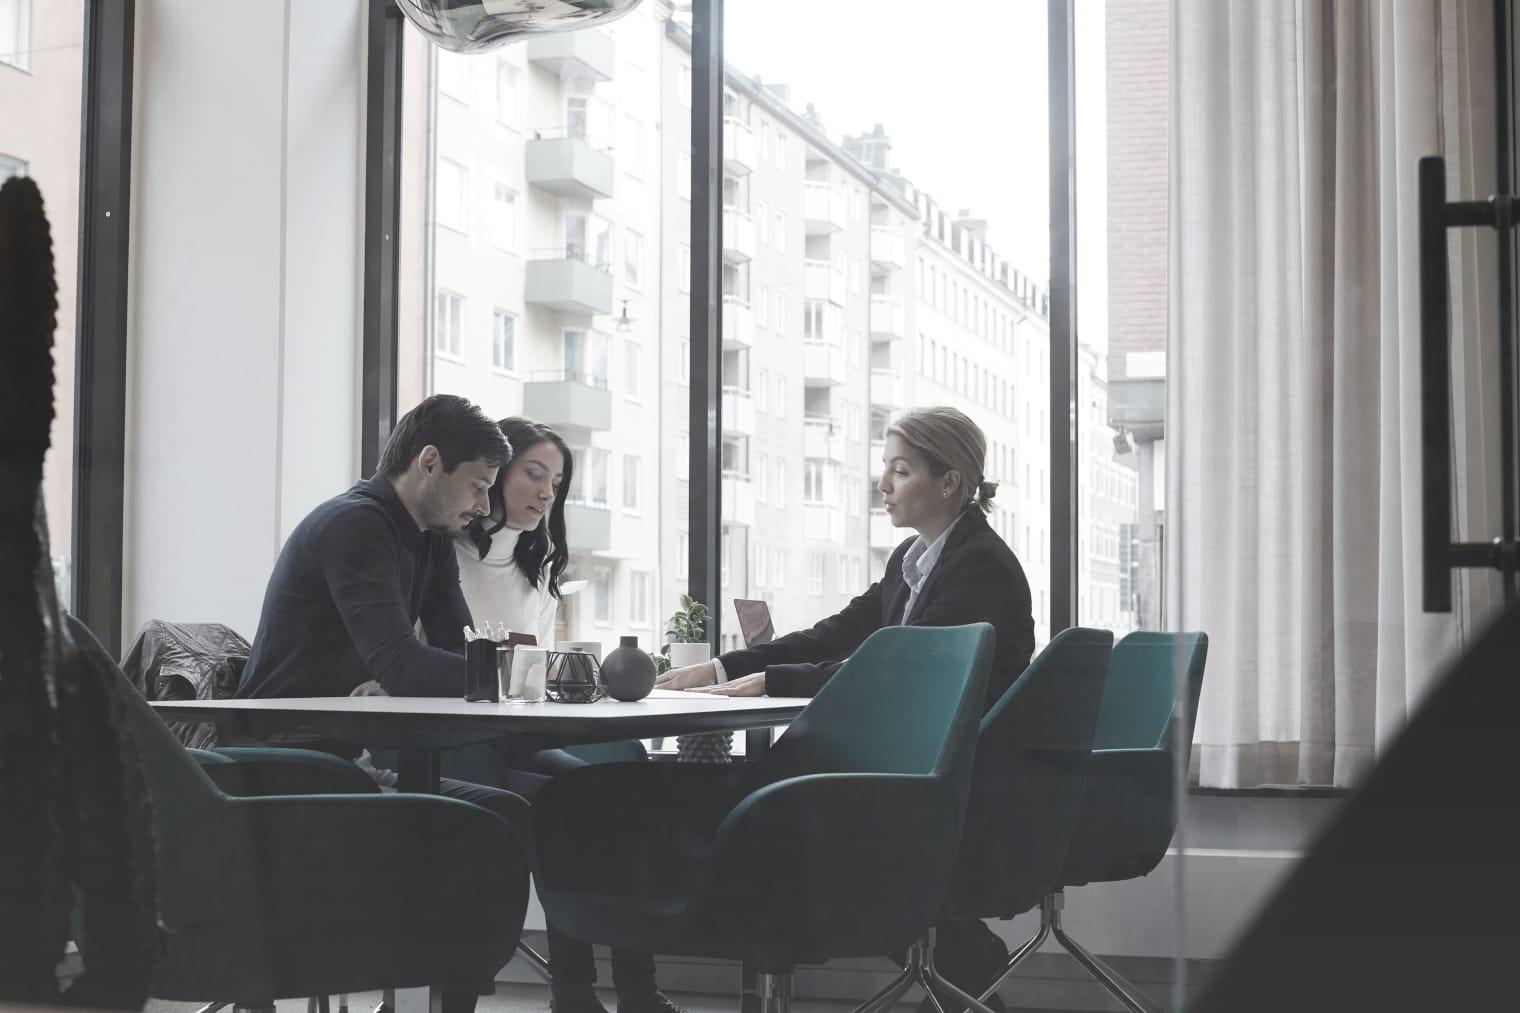 Trois personnes sont assises dans une pièce et consultent des documents